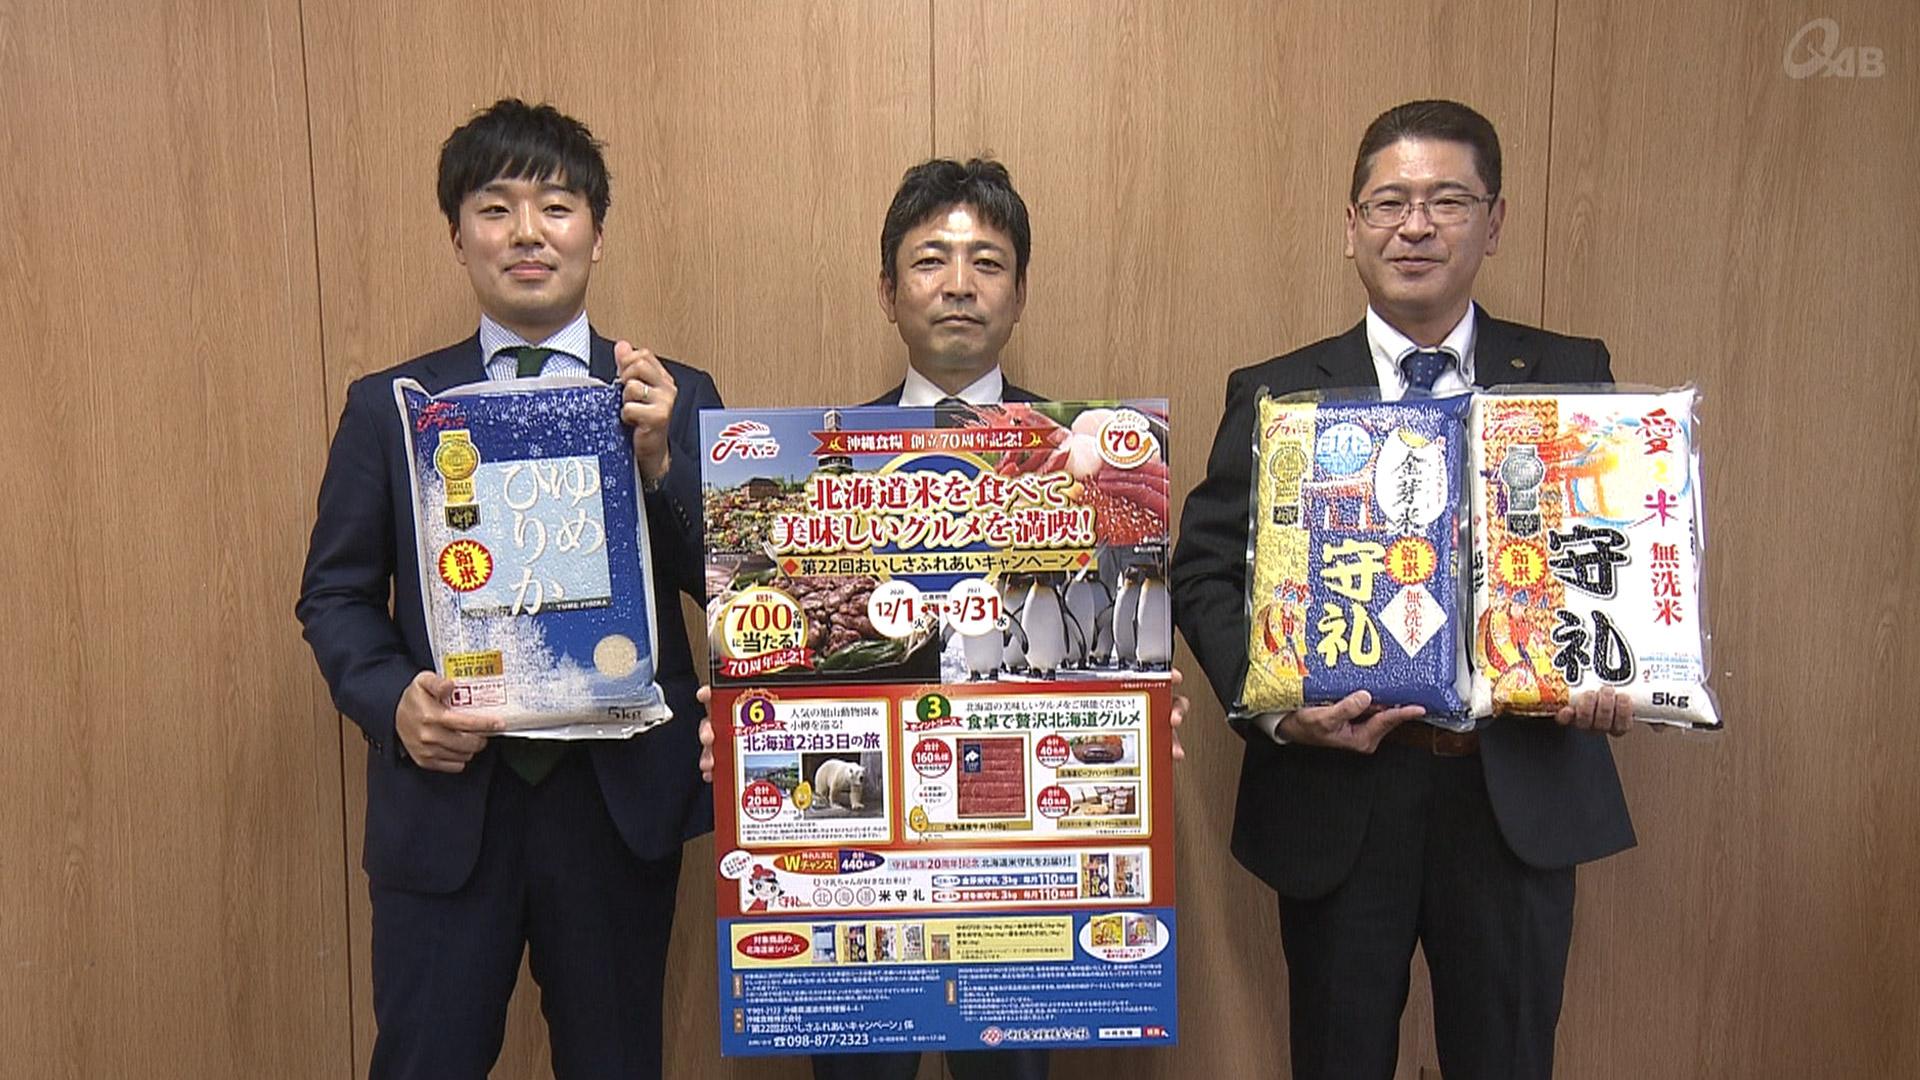 沖縄食糧 おいしさふれあいキャンペーン来社